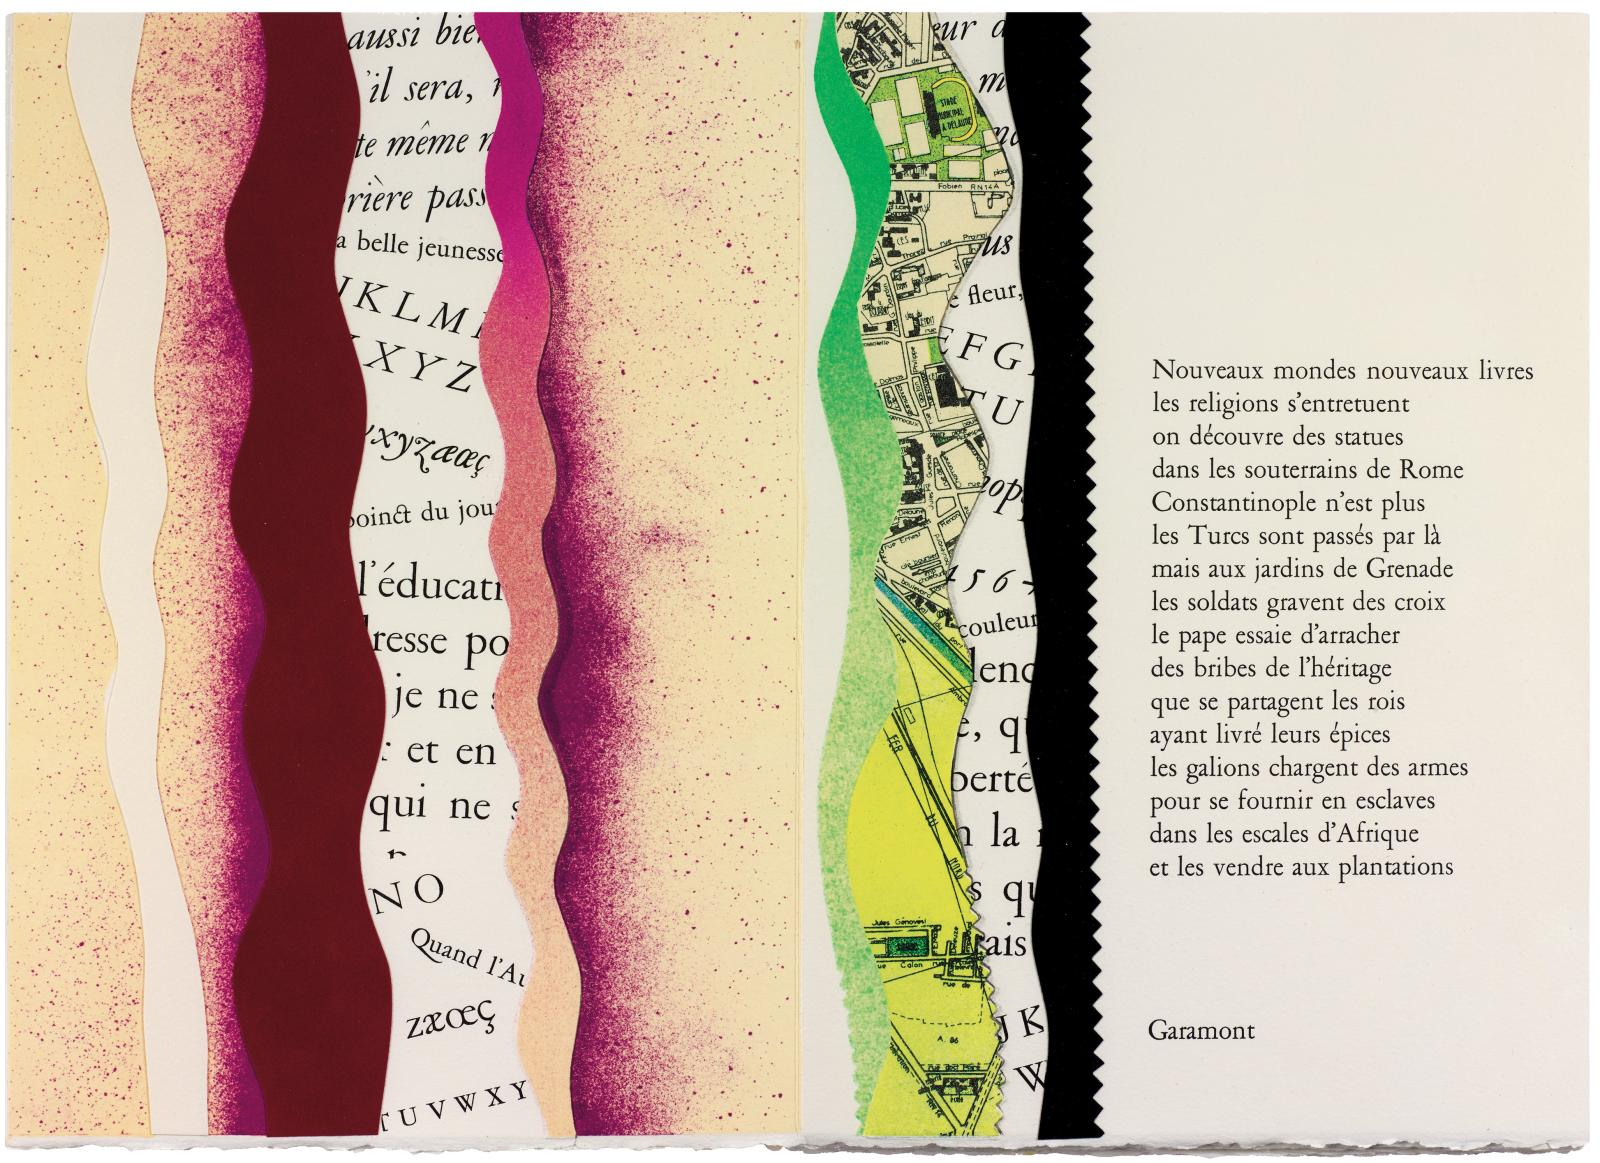 Michel Butor, Caractères, Paris, Imprimerie nationale Éditions, juin 1993, in-4o de 29feuillets montés en accordéon, exemplaire de l'édition original